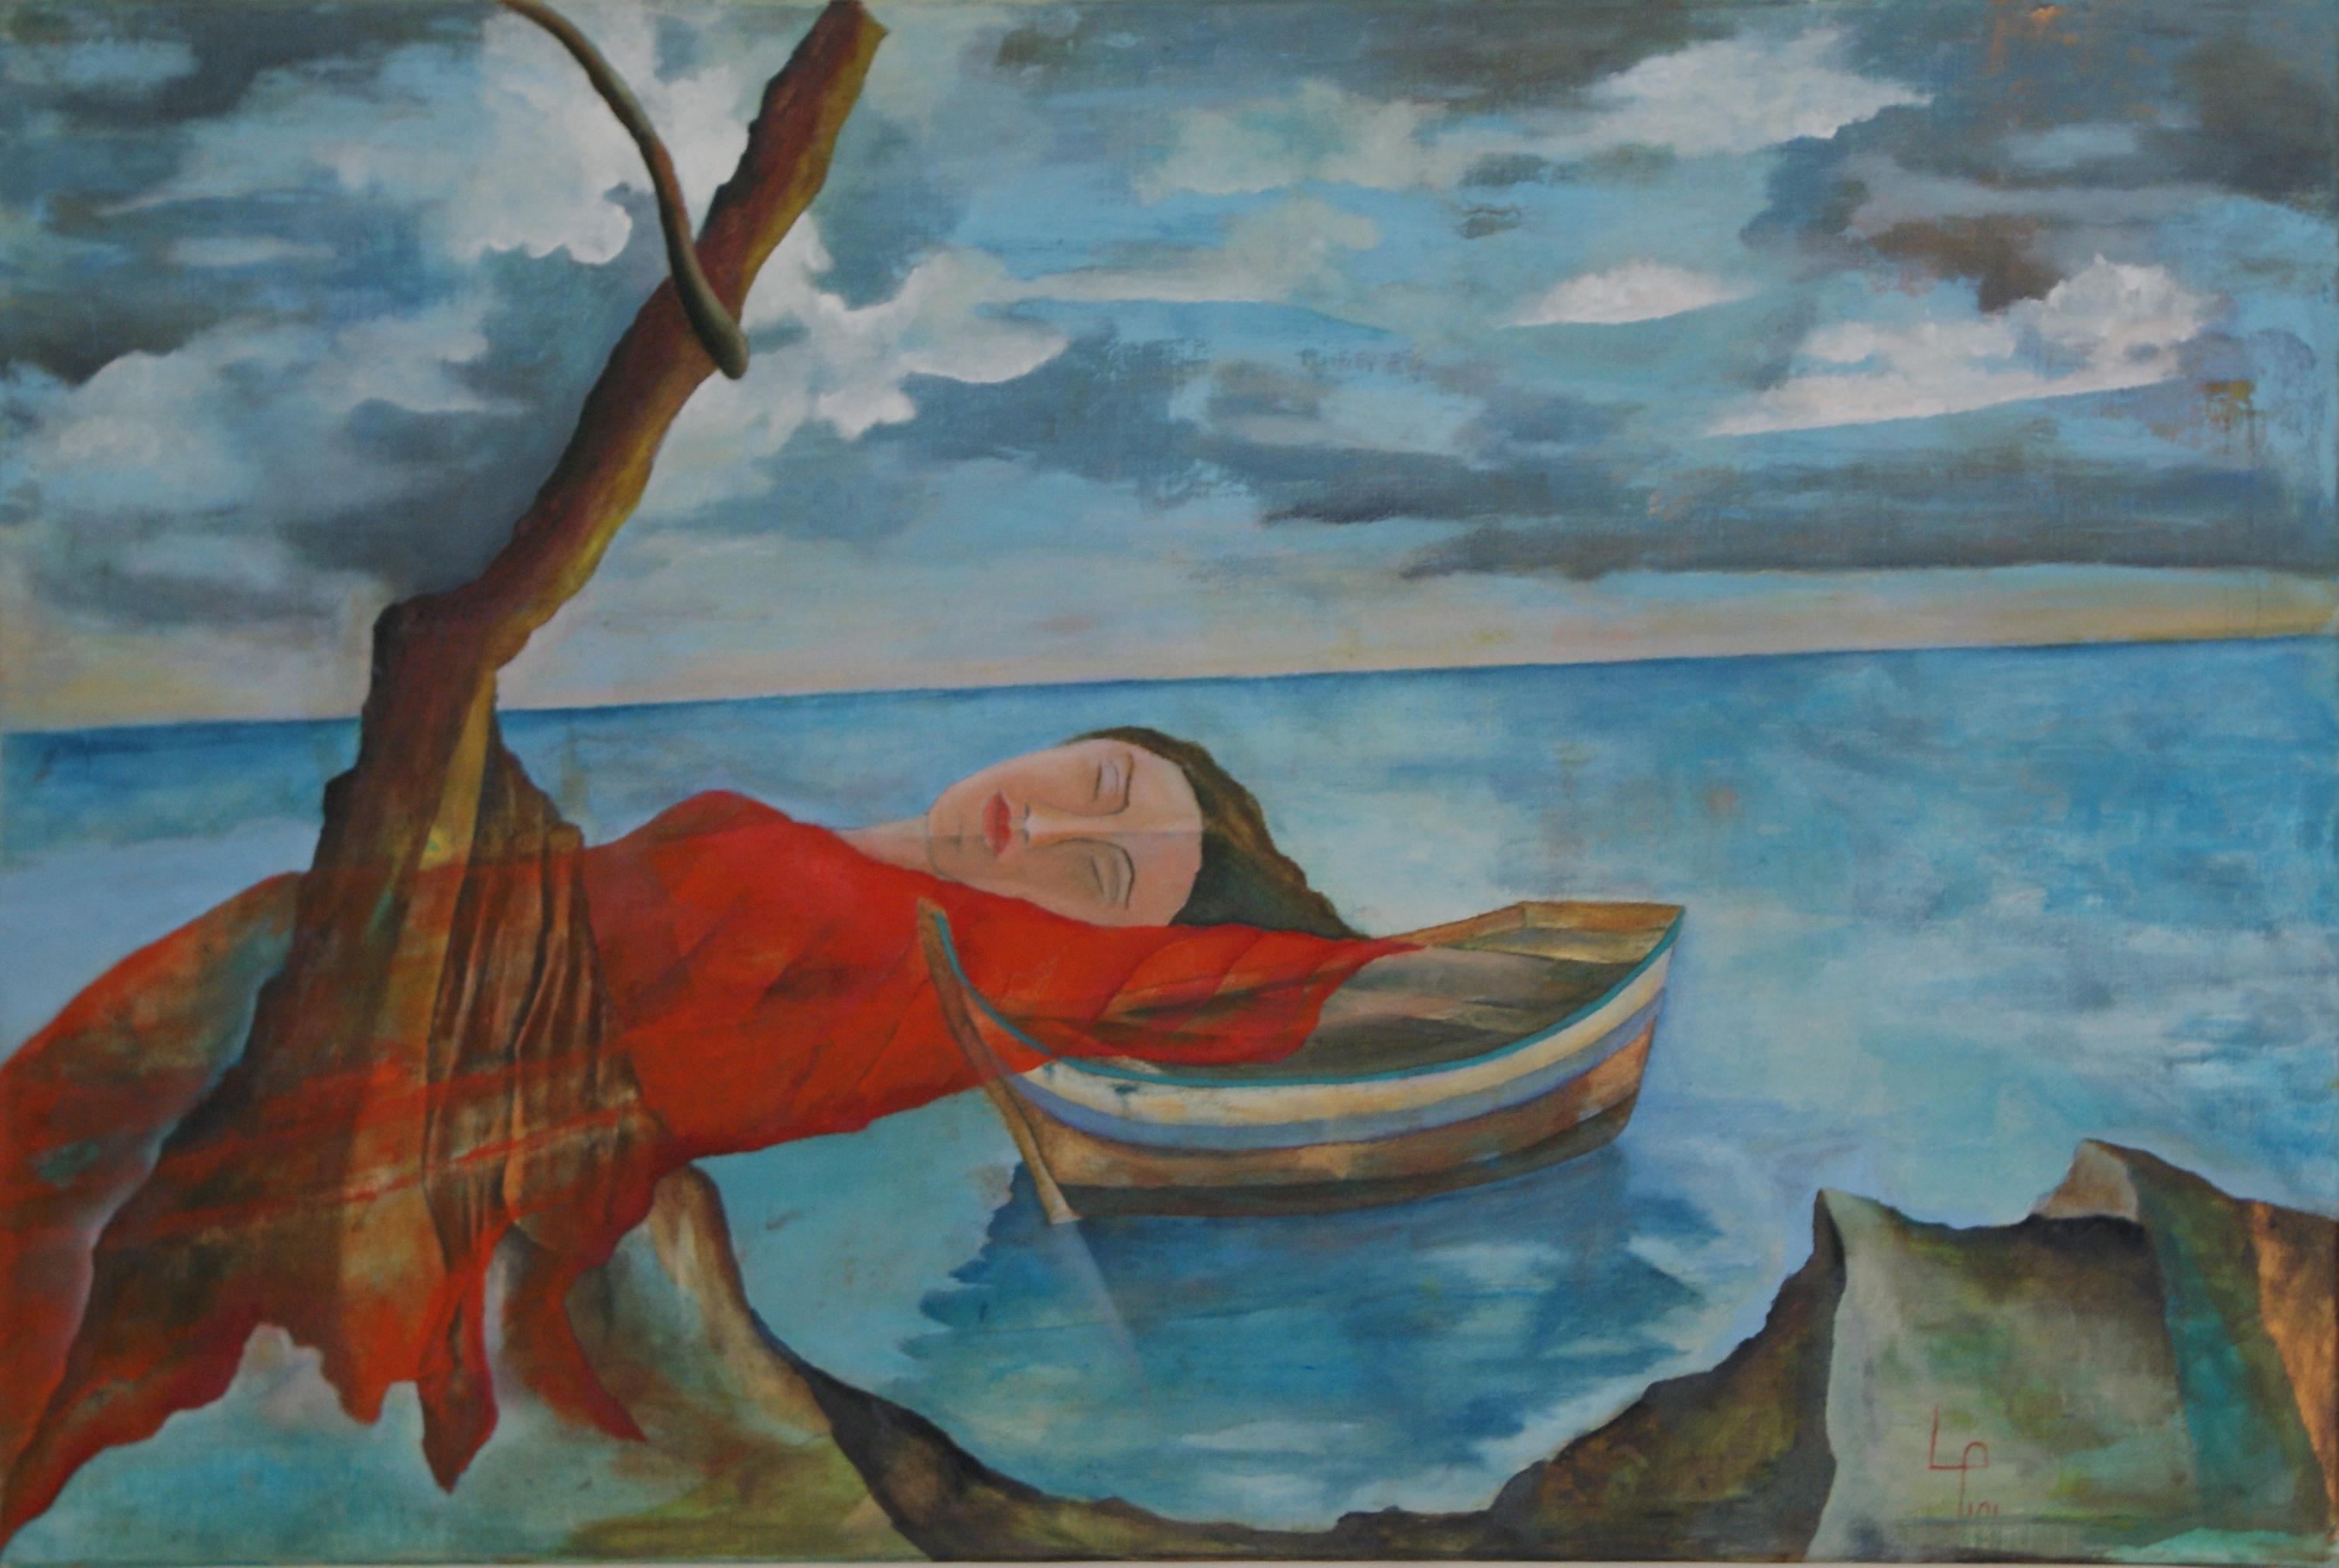 Il quadro Languore di Leo Pini (http://leopini.net)